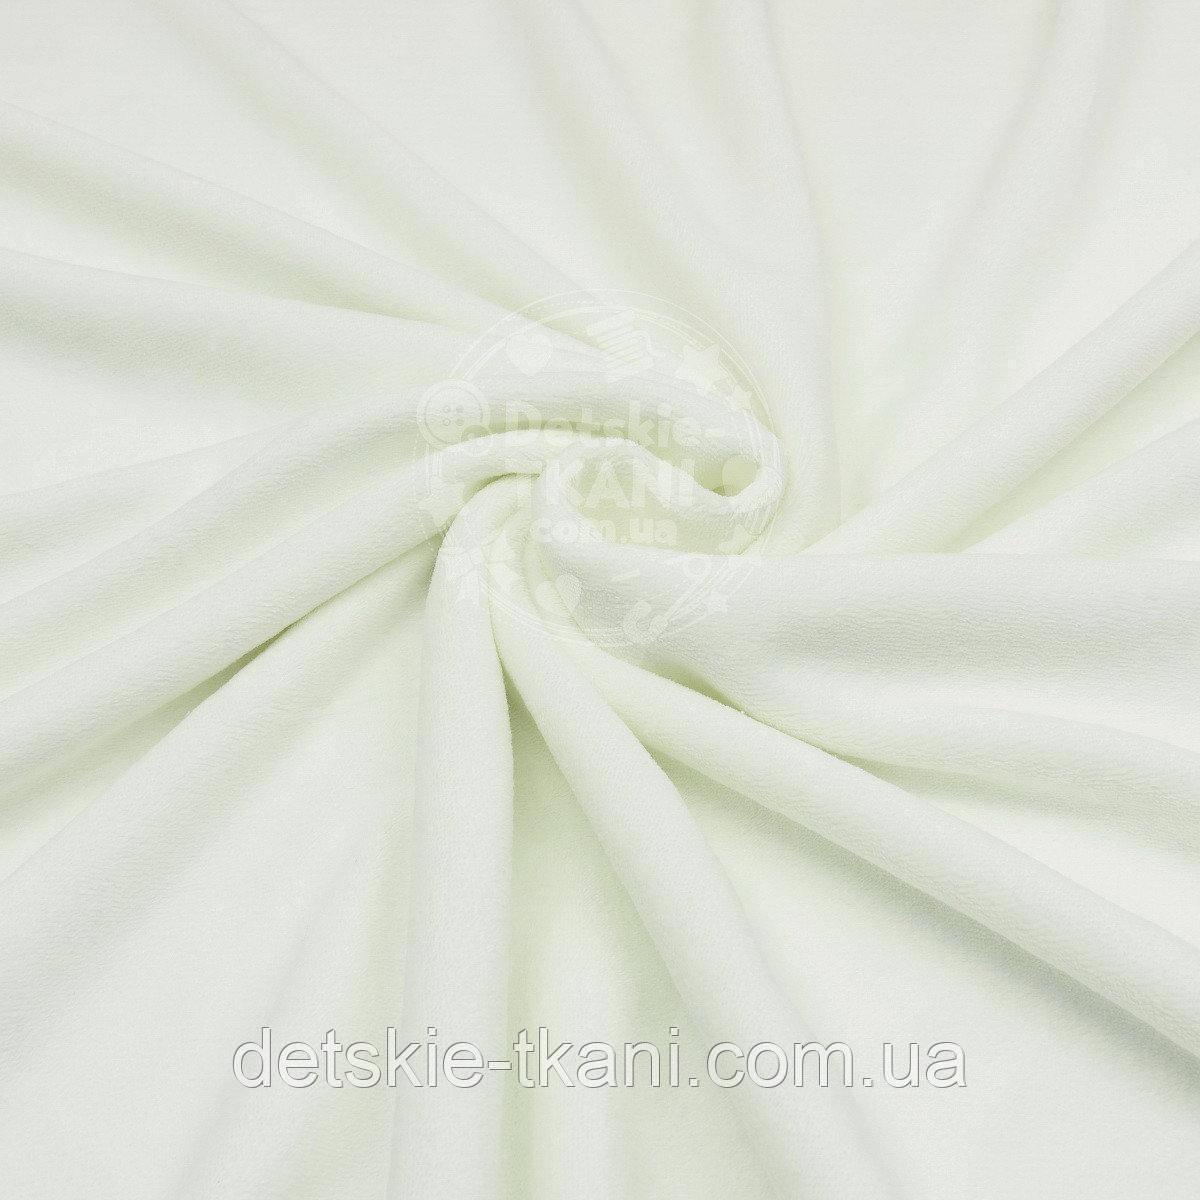 Лоскут однотонного ХБ велюра белого цвета, размер 100*180 см (есть загрязнение)